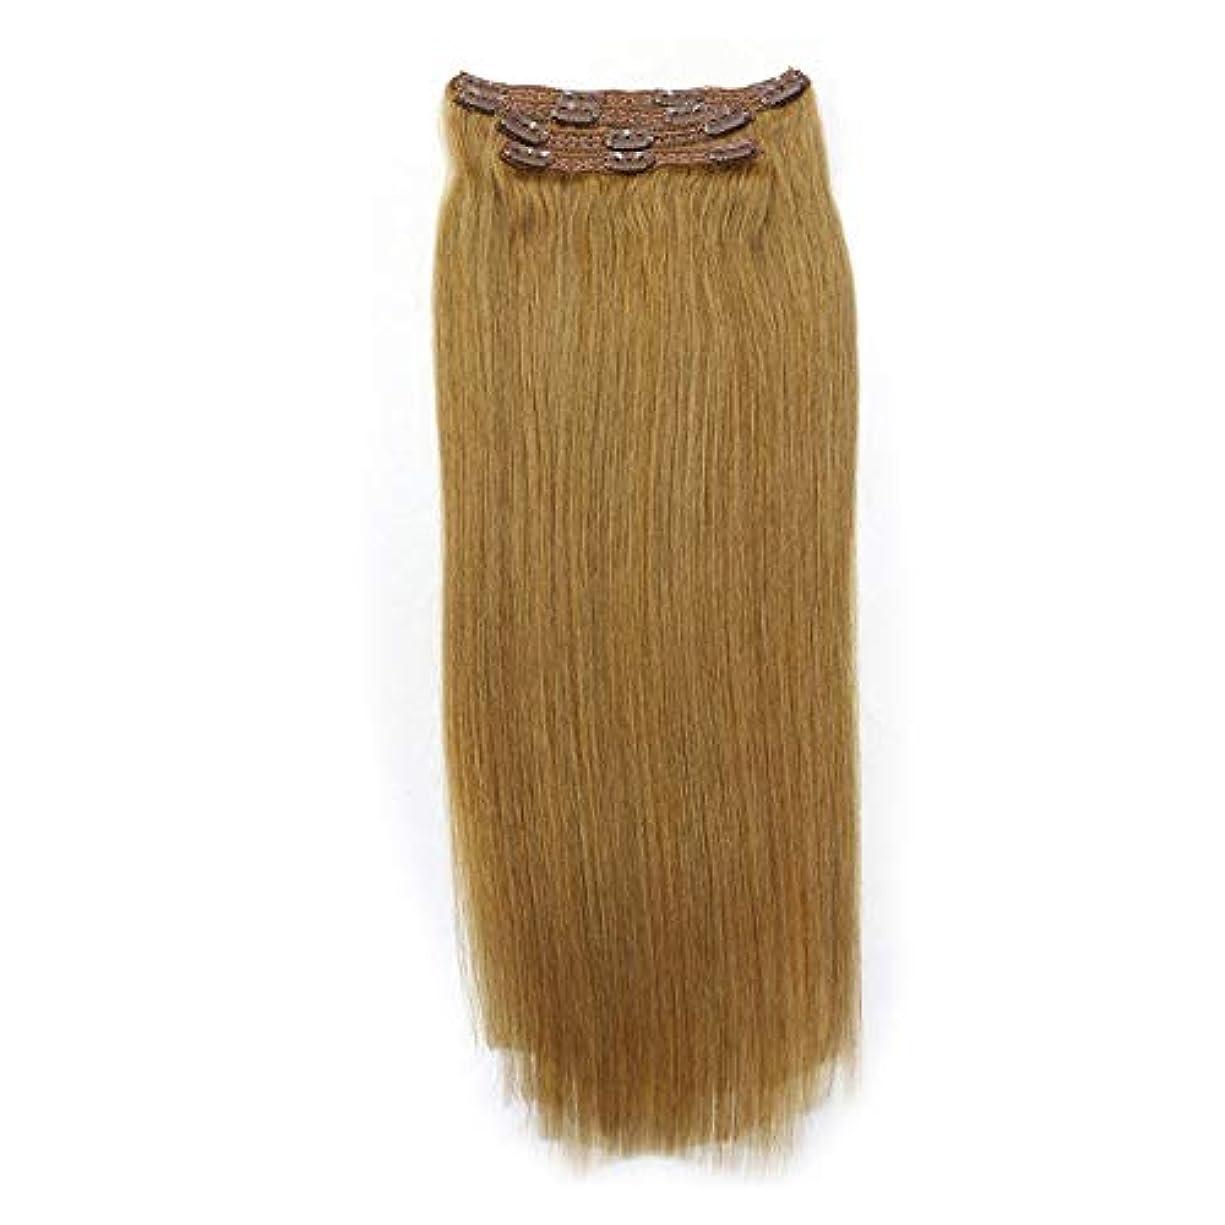 テメリティアスリート中古WASAIO ノーマルRealフル?ヘッドのヘアエクステンションクリップ裏地なし髪型ダブル横糸レミー人間のクリップ8個なめらかな (色 : ブラウン, サイズ : 28 inch)